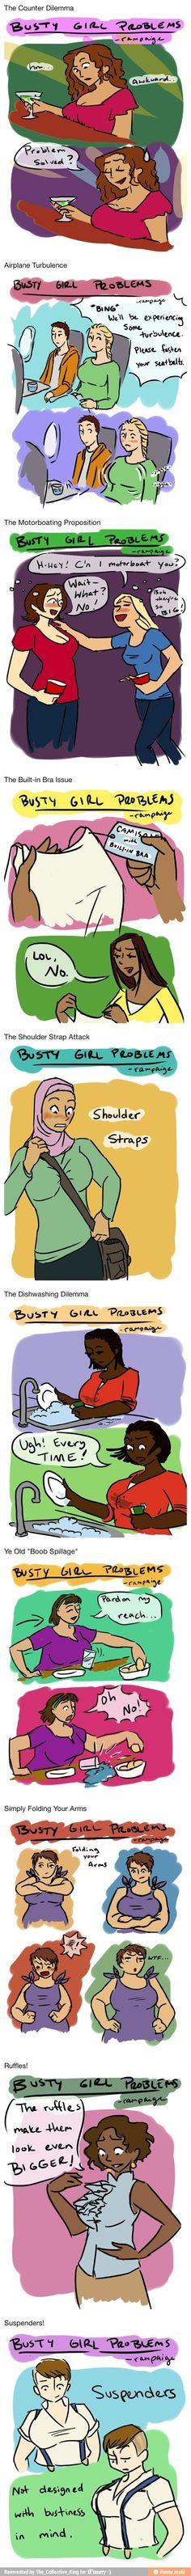 Busty girl problems lol